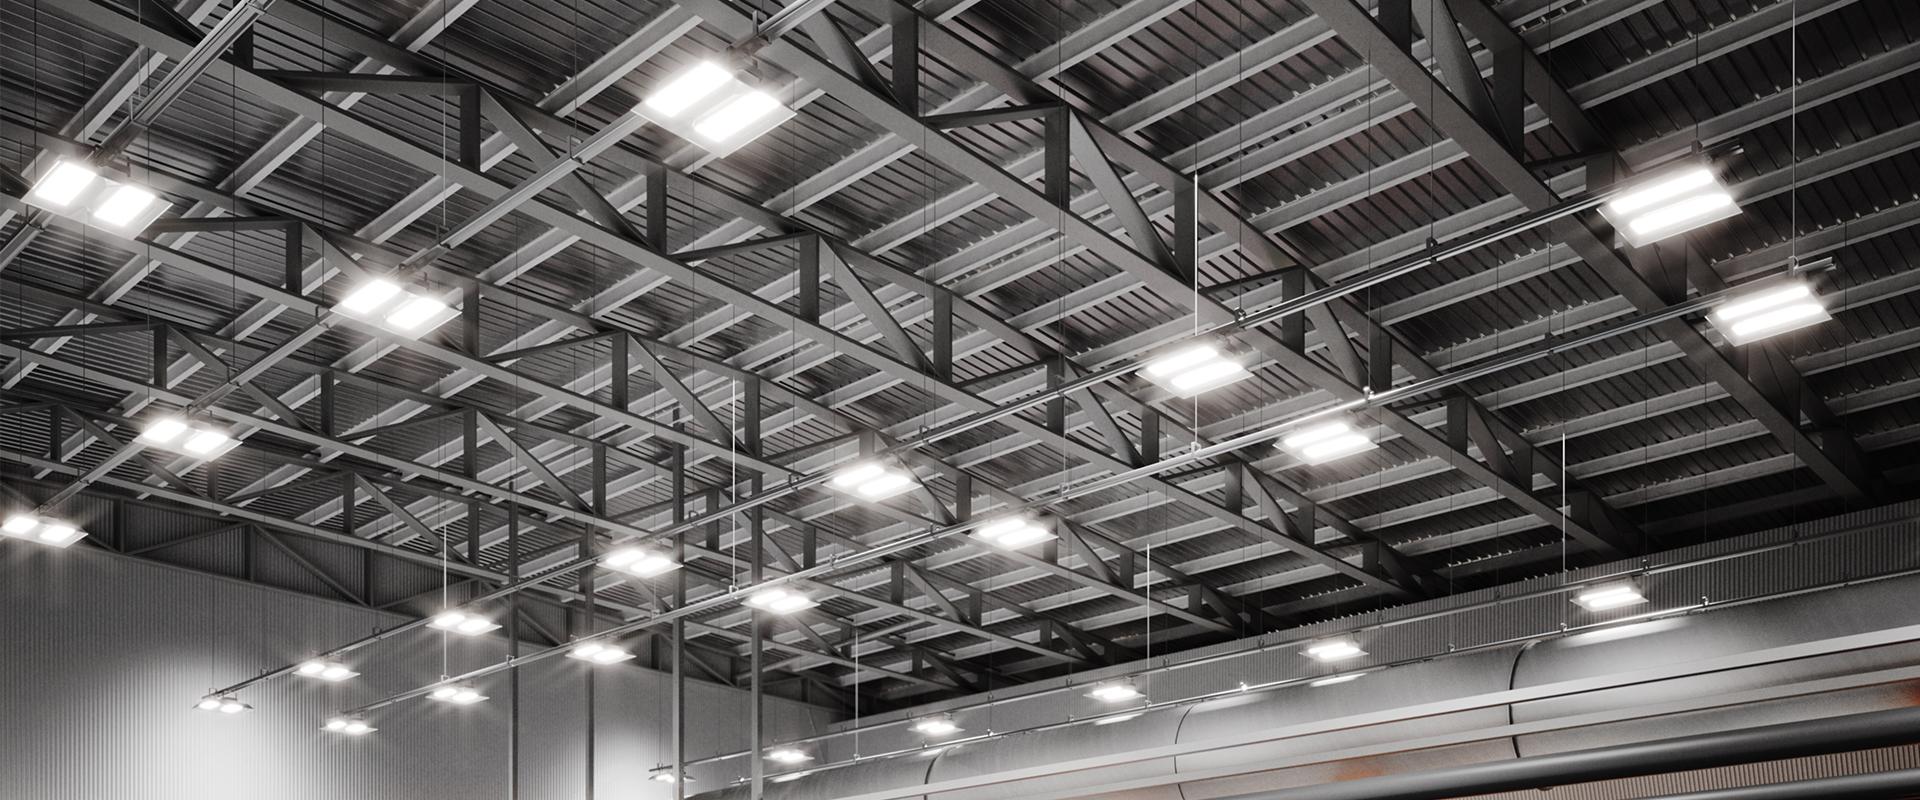 Fari a LED per capannoni e interni industriali